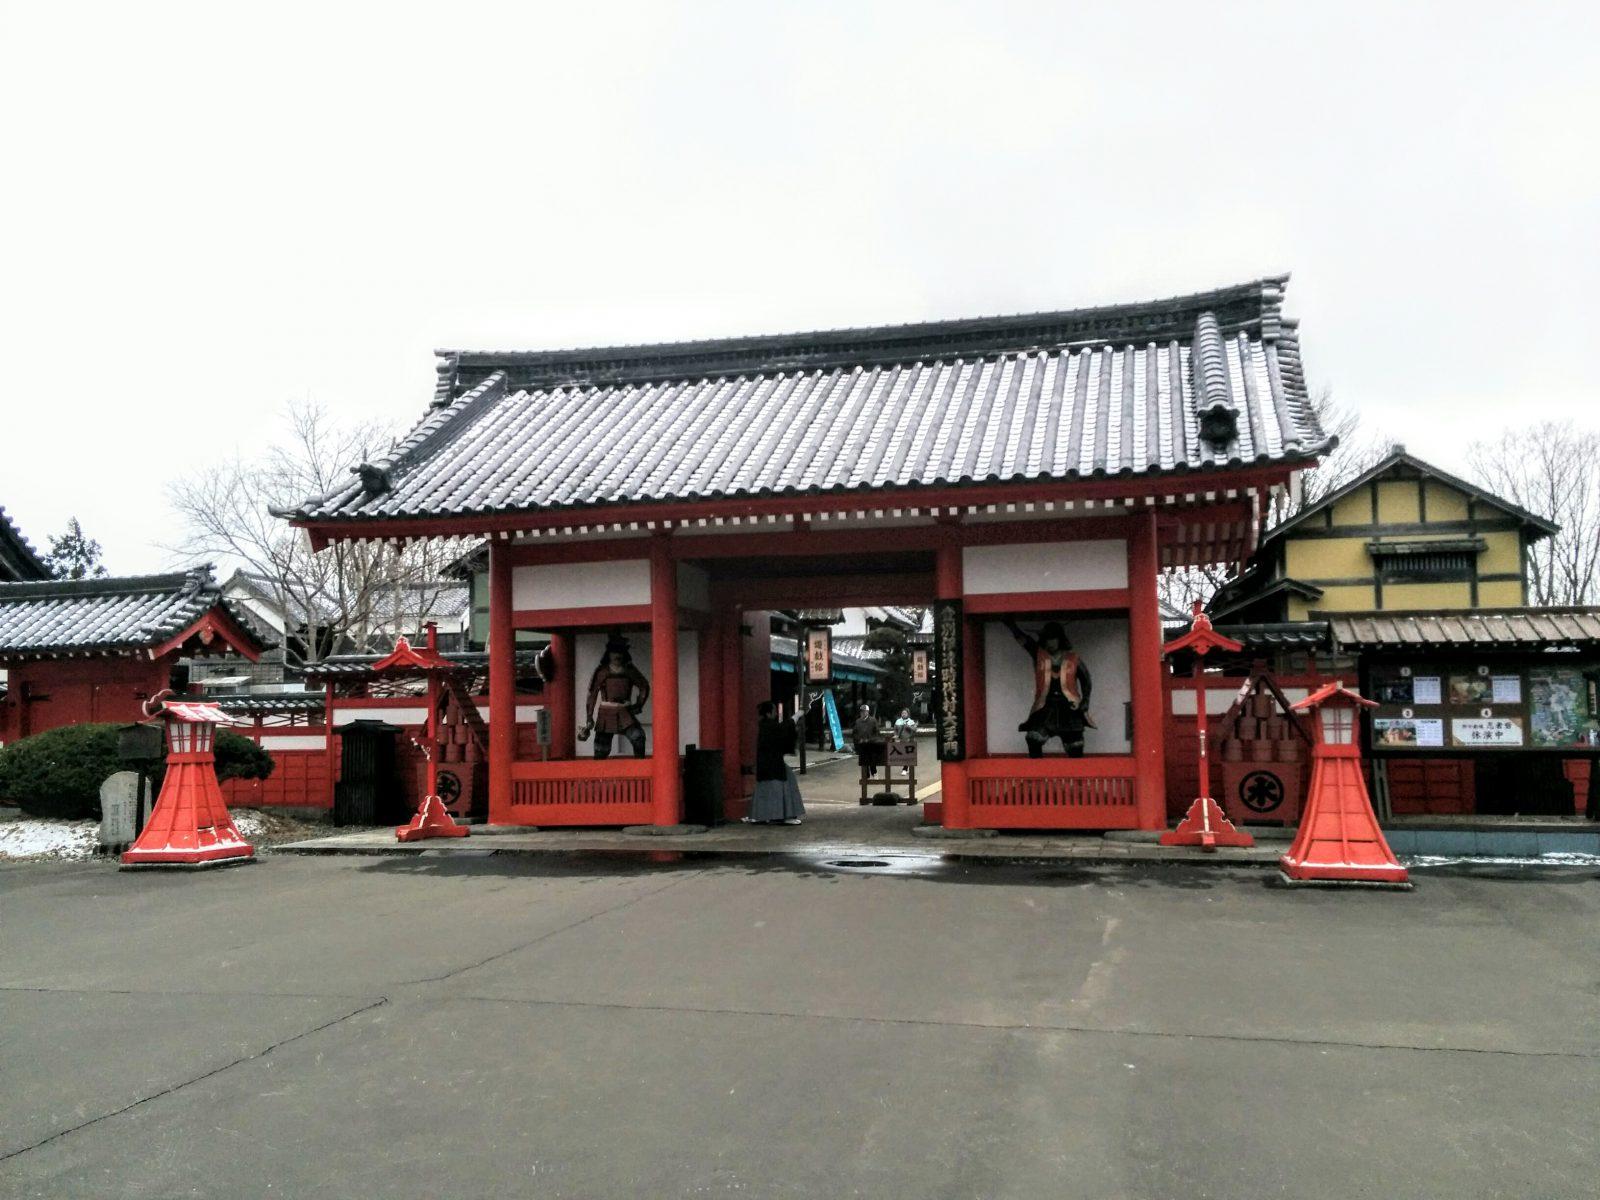 【登別温泉】冬の登別伊達時代村観光タクシー